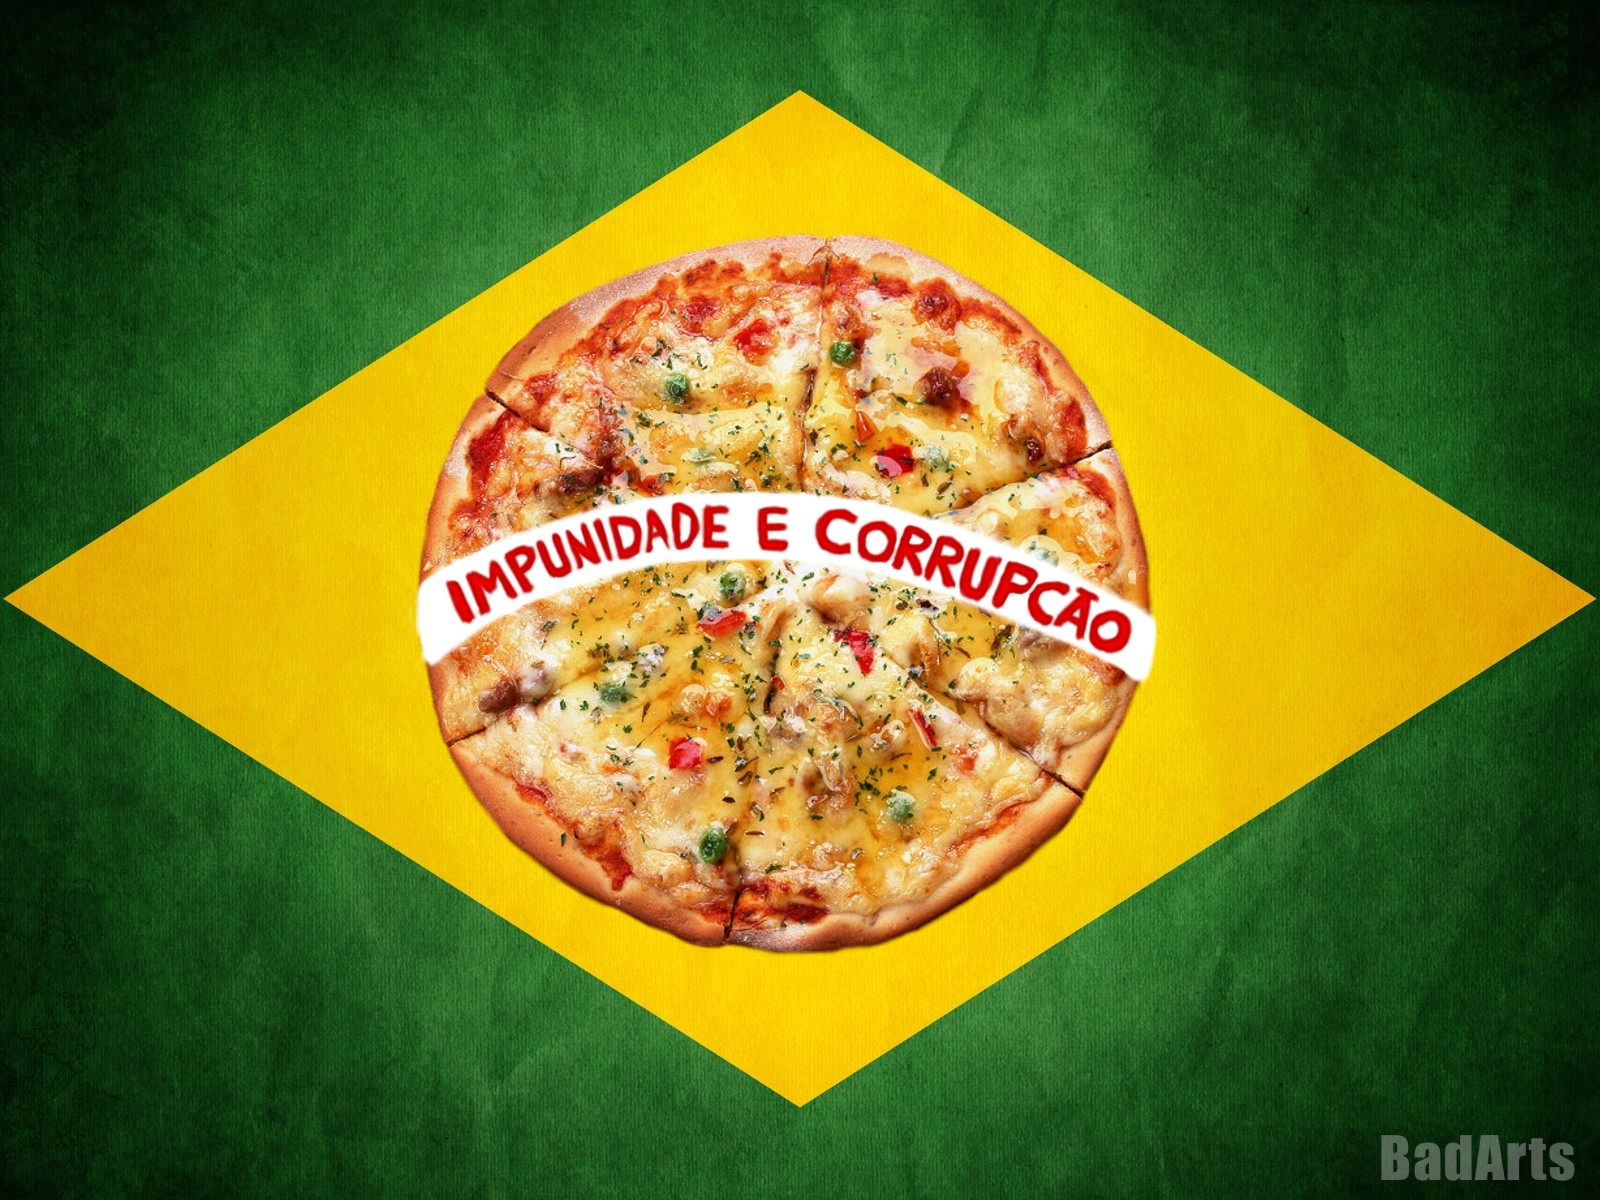 #Opinião: E os políticos dizem: Que se danem os brasileiros